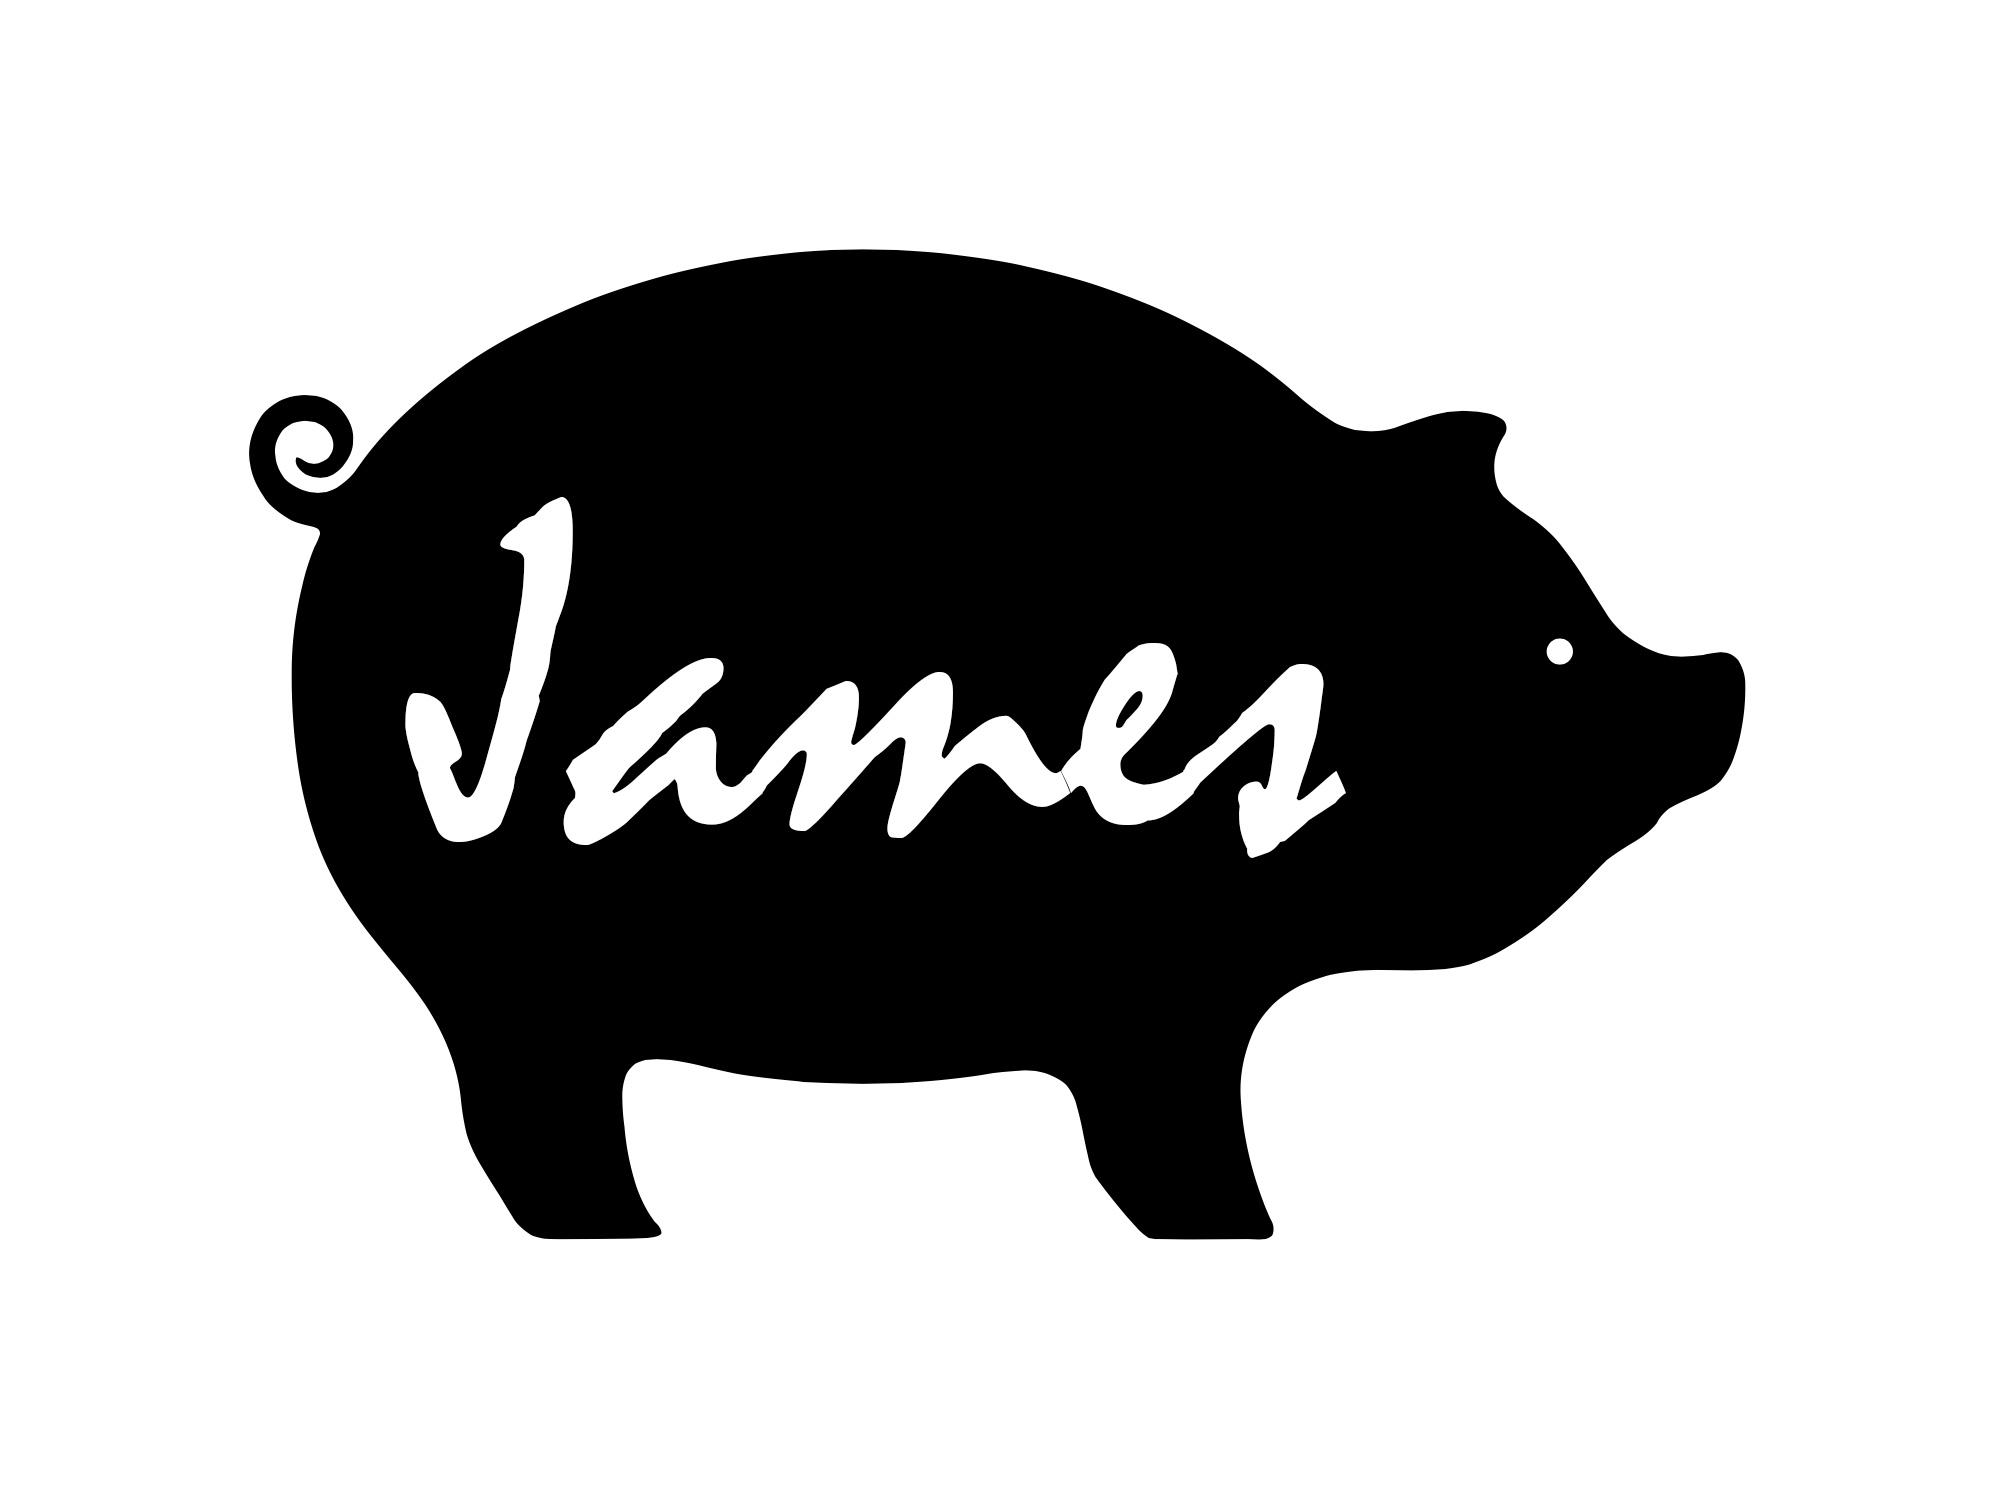 James Ede Signature